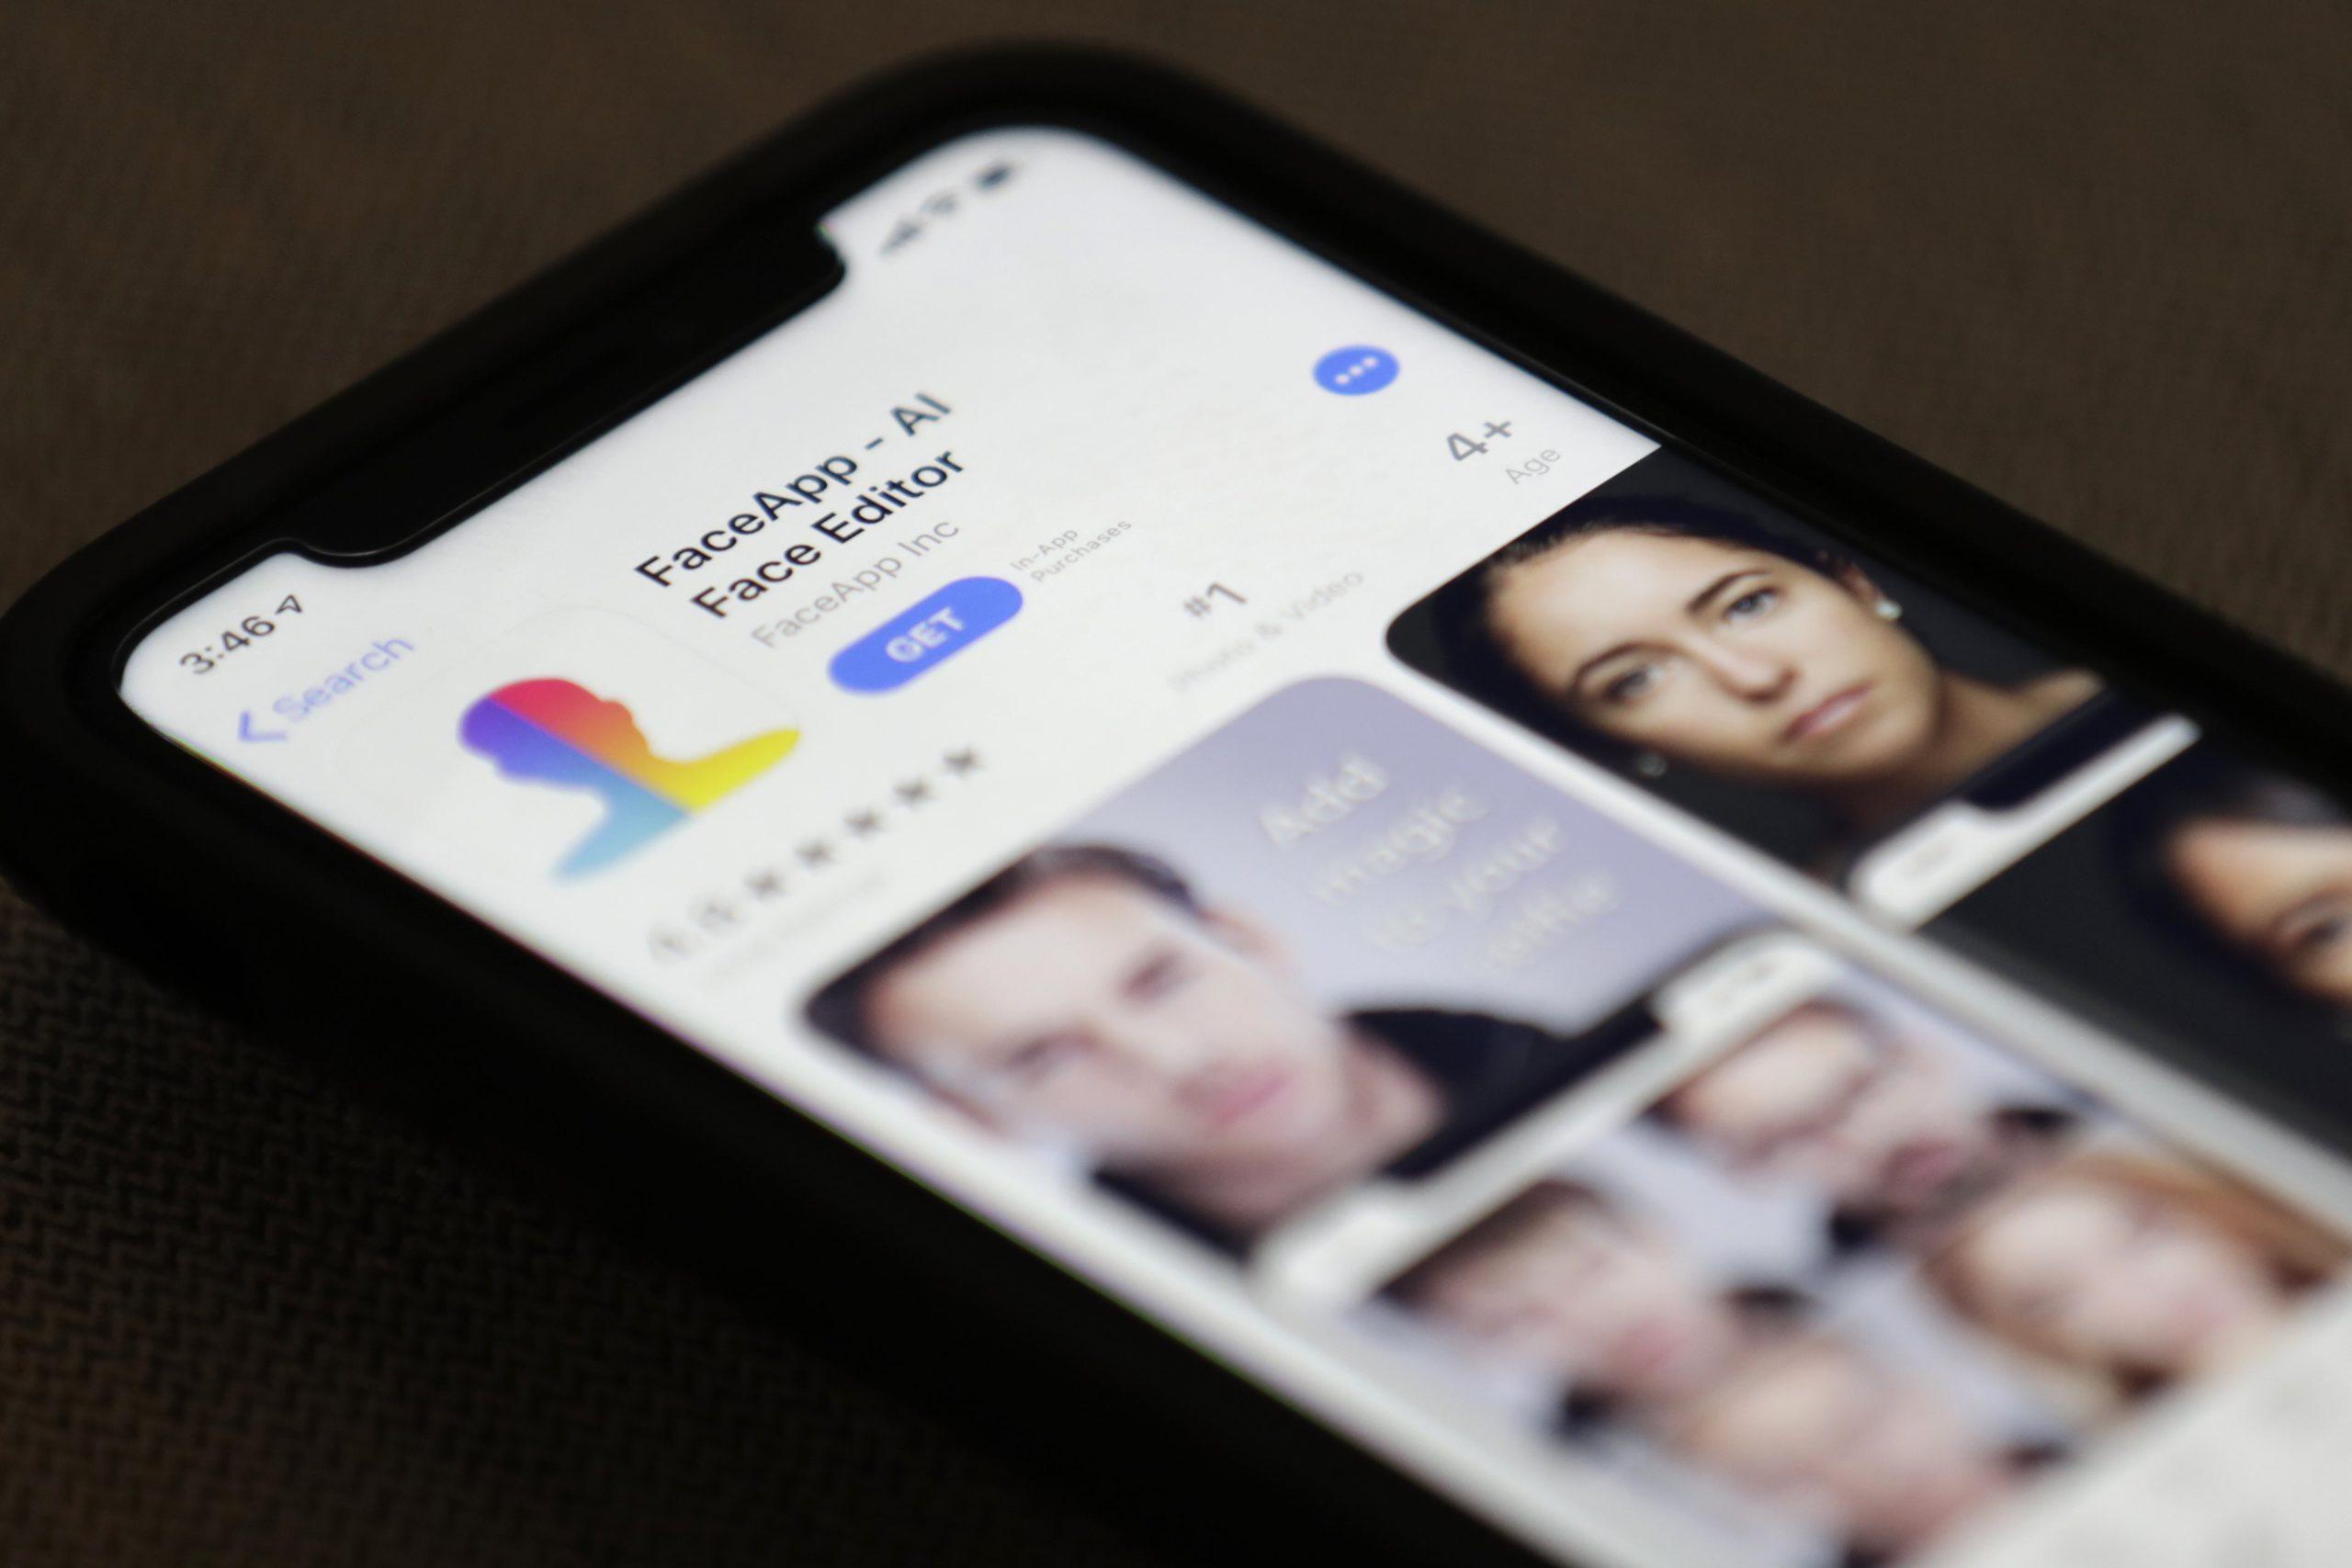 Le FBI a déclaré que FaceApp et d'autres applications mobiles développées en Russie représentent une 'menace potentielle de contre-espionnage'.